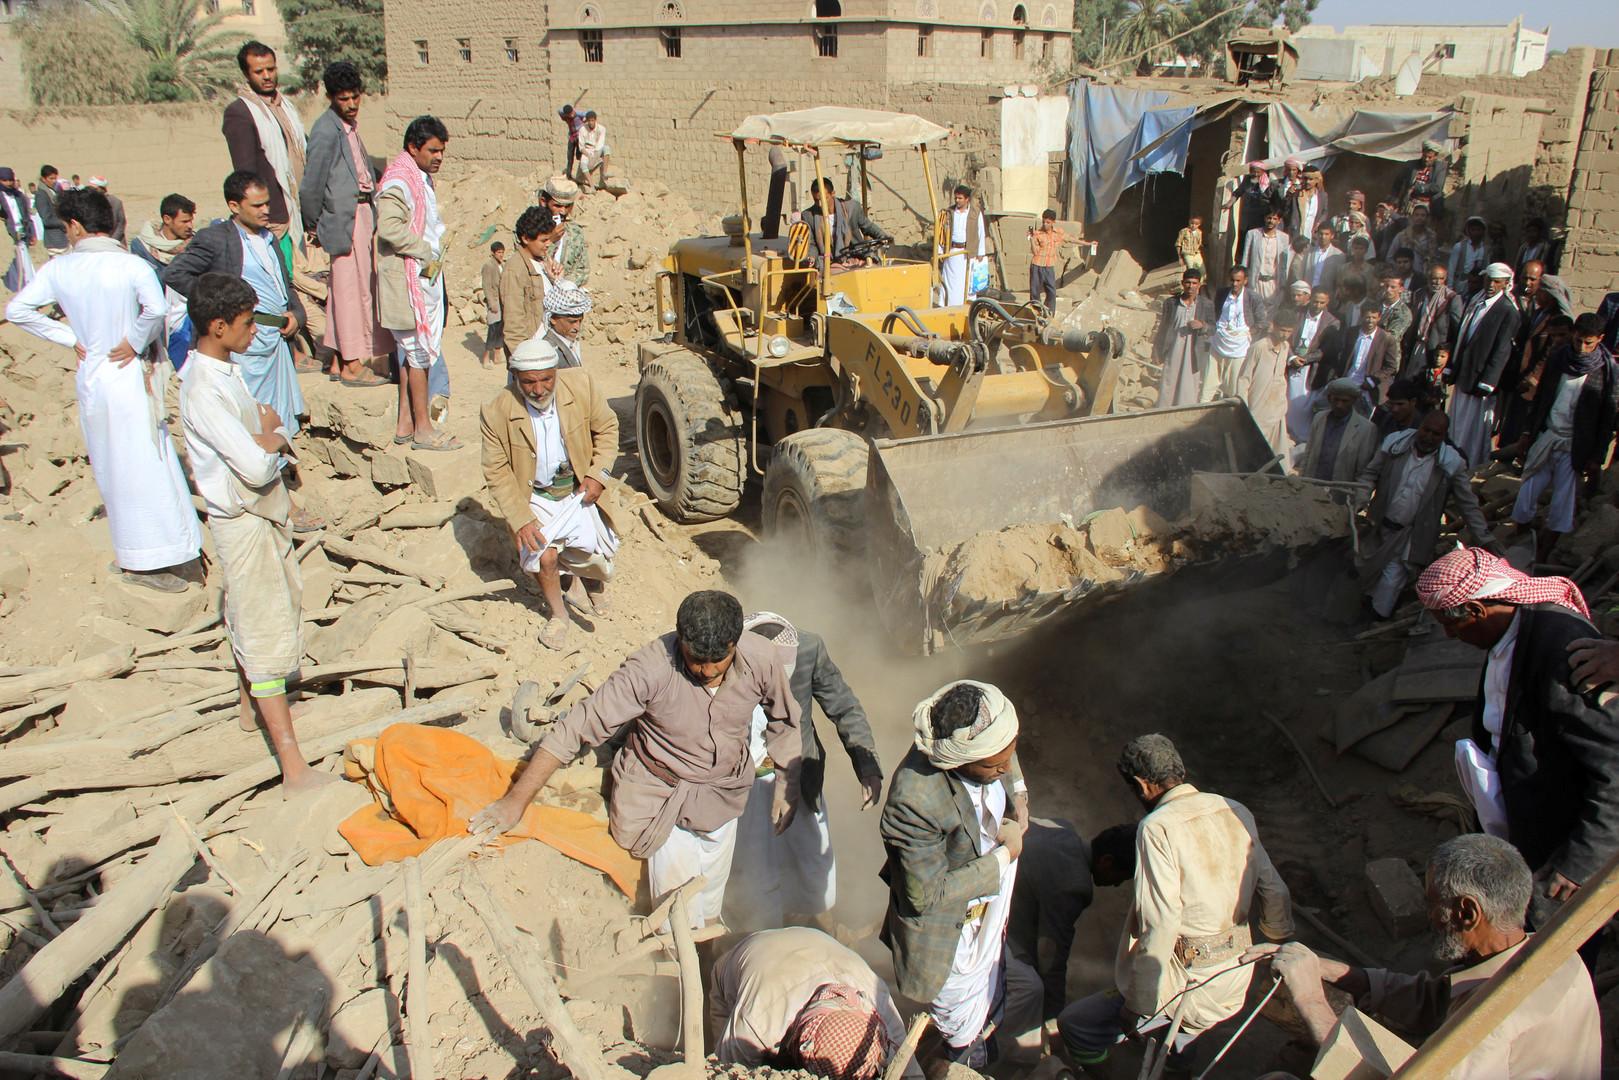 الأمم المتحدة تحذر السعودية من ارتكاب جرائم حرب في اليمن والرياض ترد